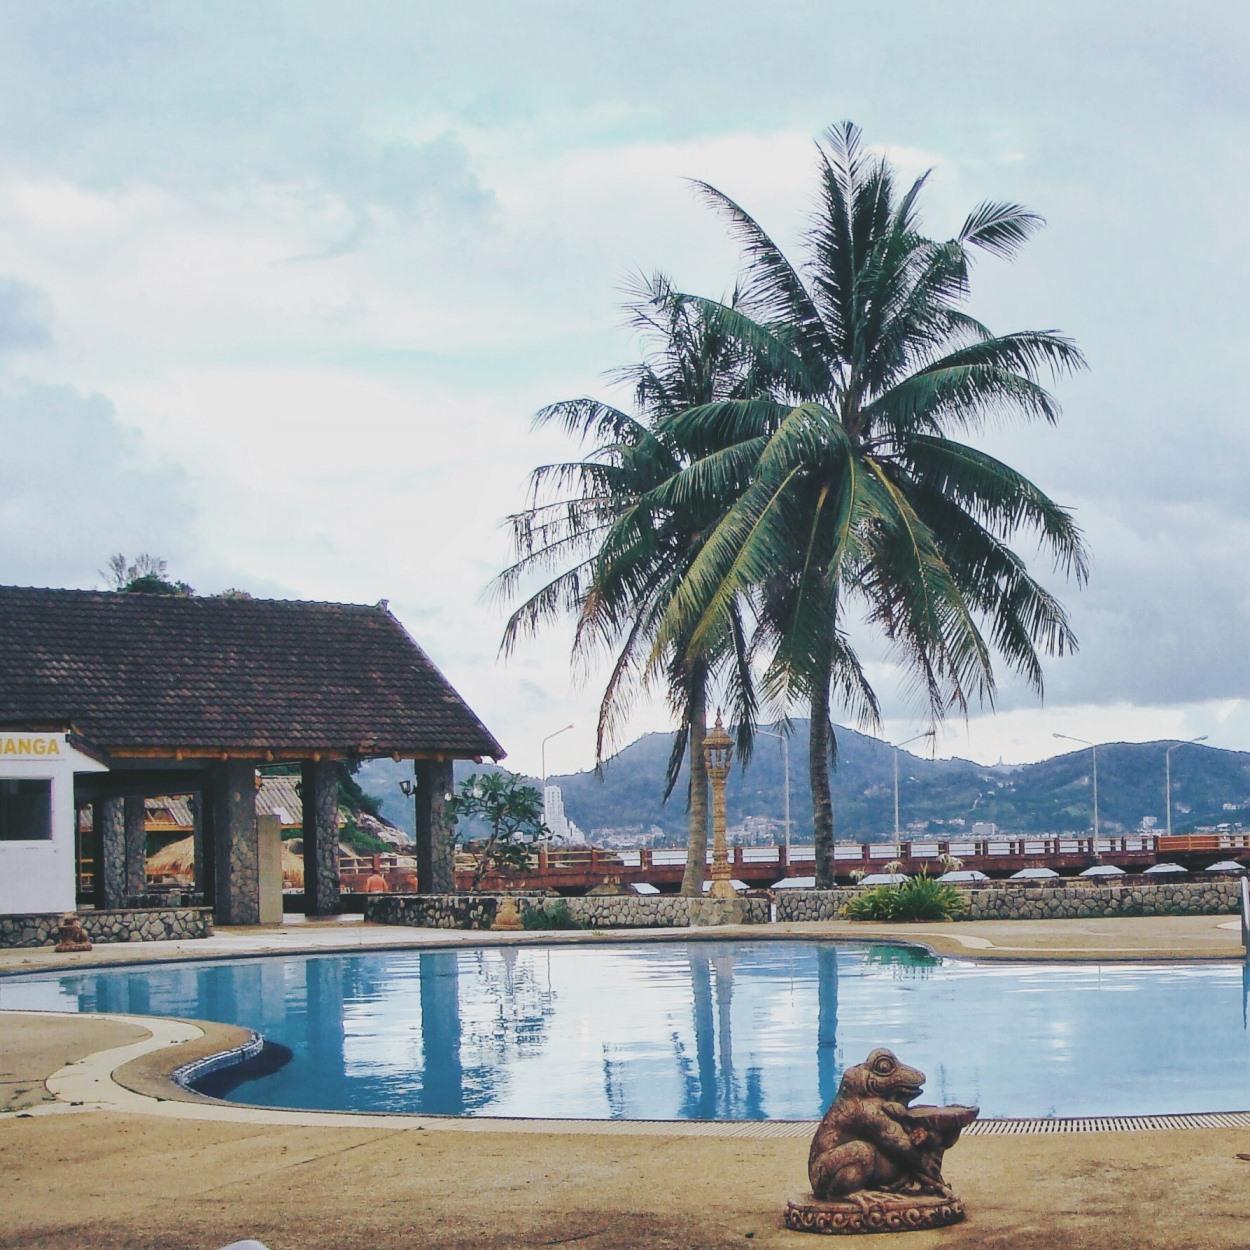 Thavorn Beach Village and Spa